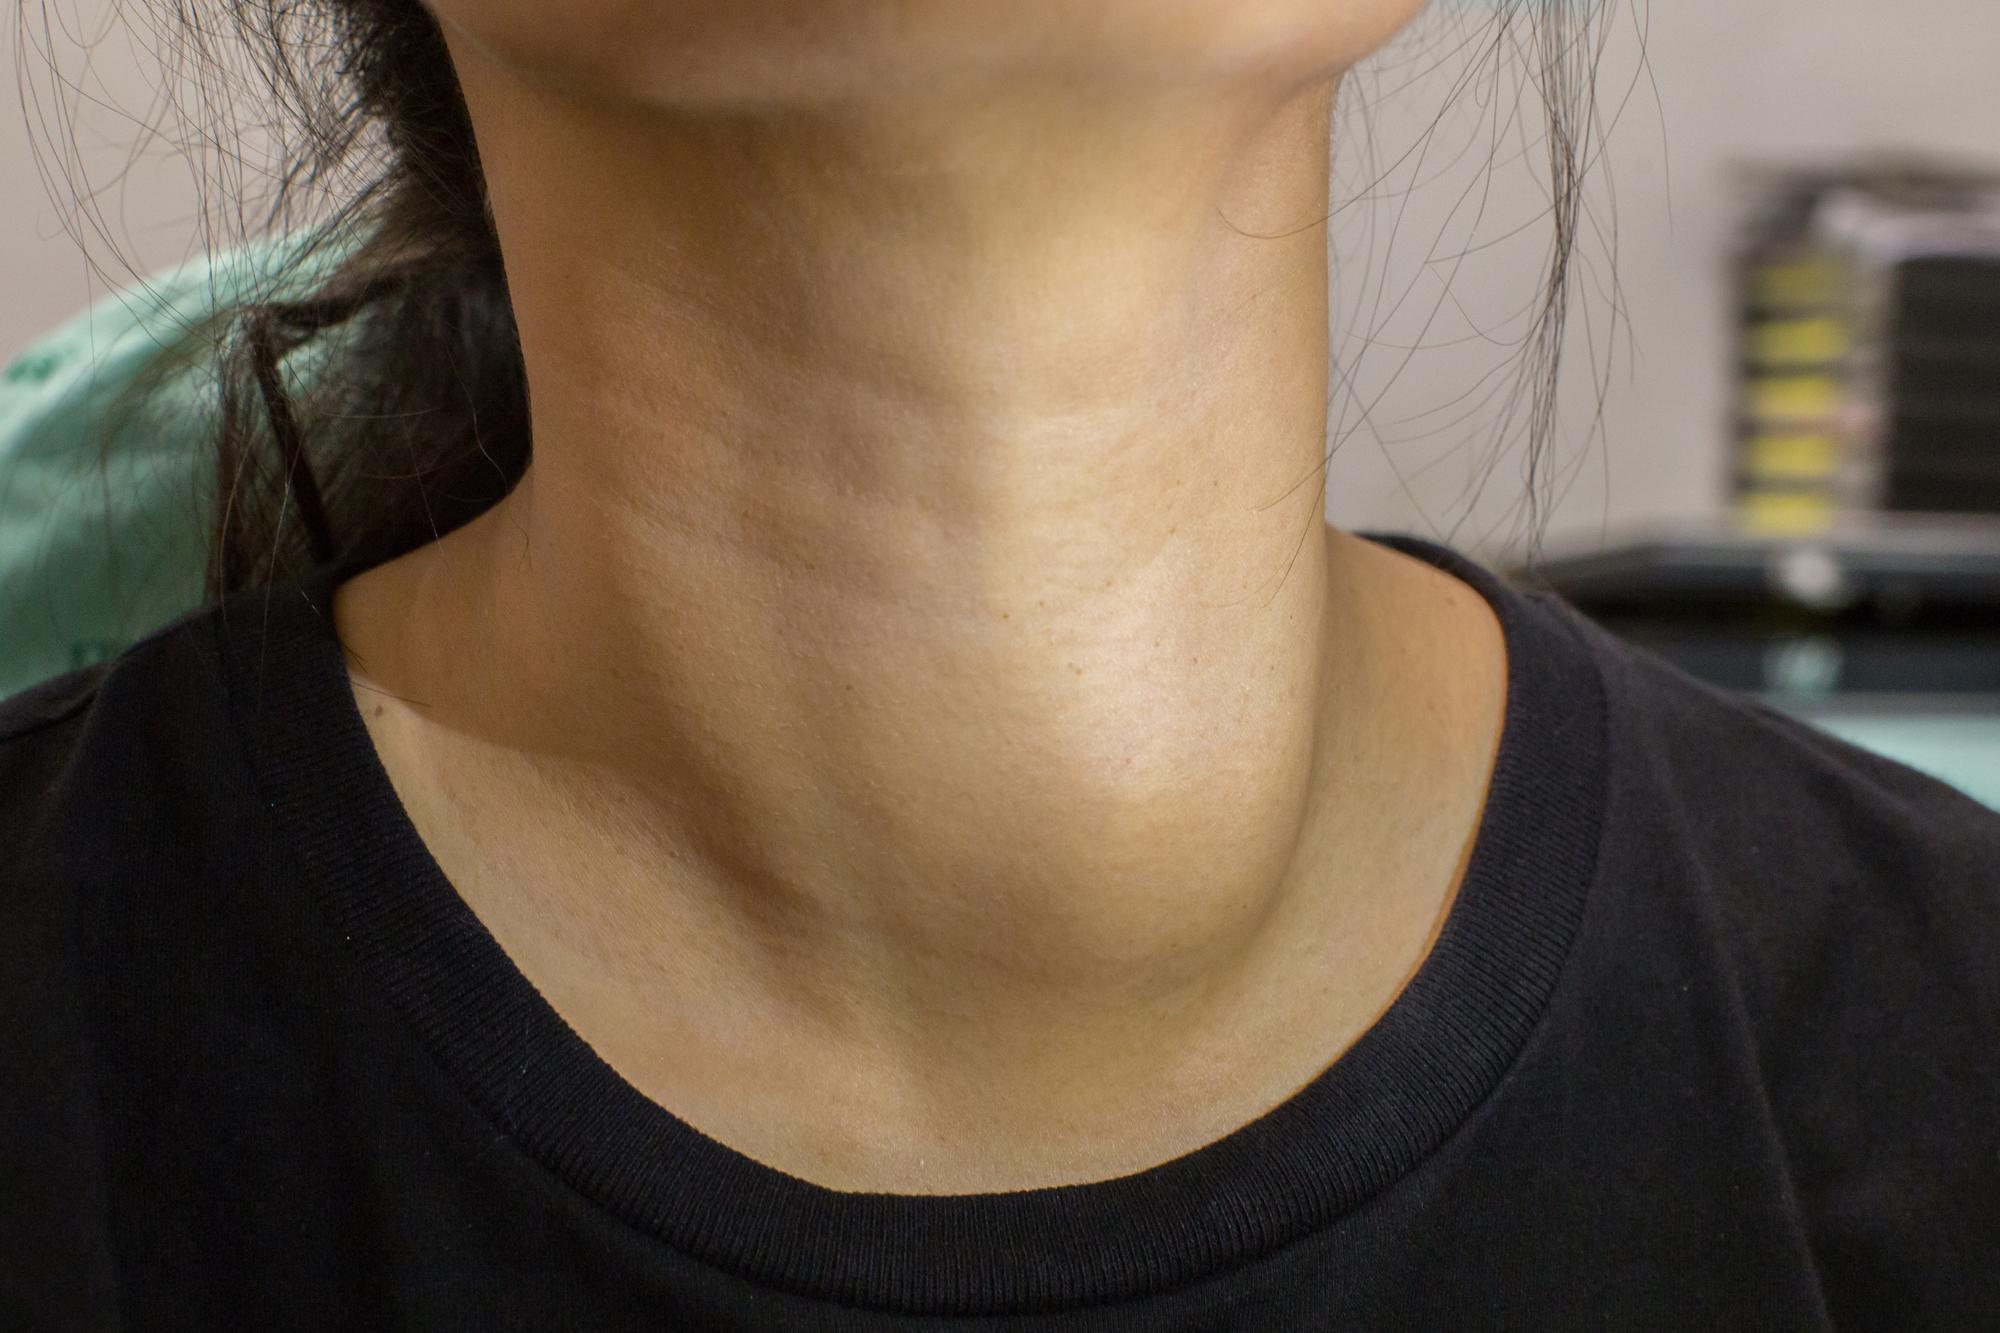 sköldkörtel symptom hos kvinnor